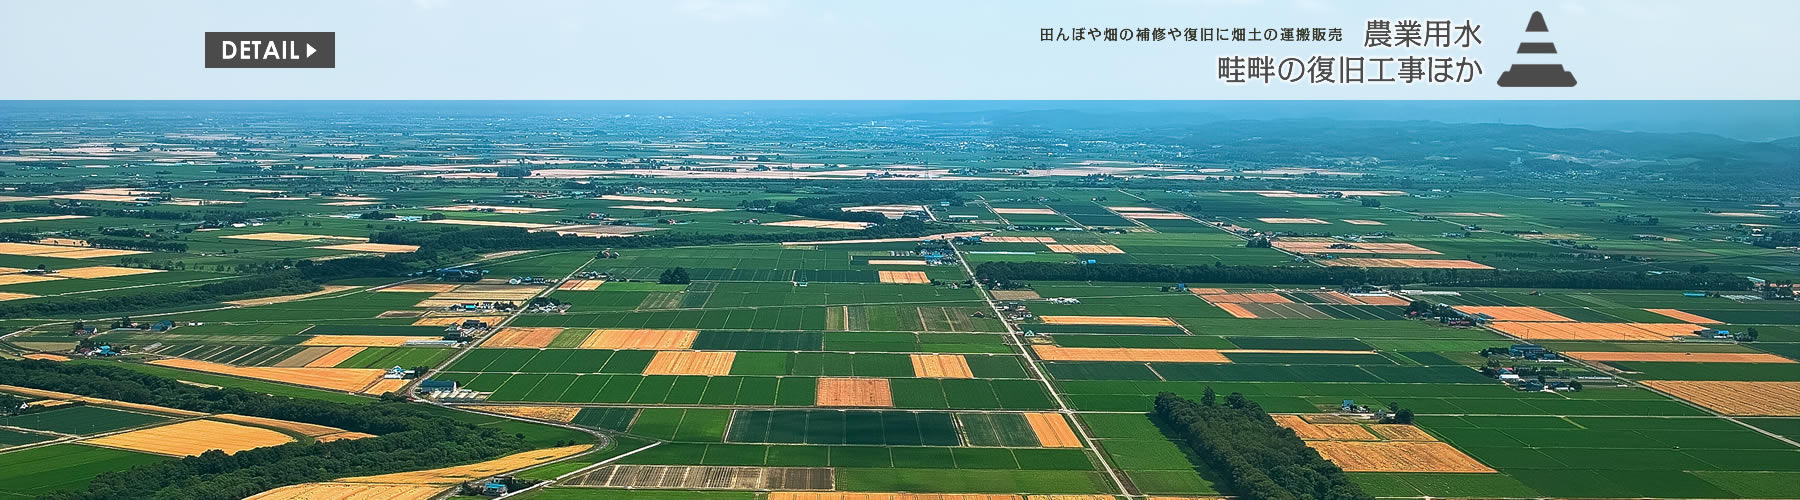 農業用水・畦畔の復旧など